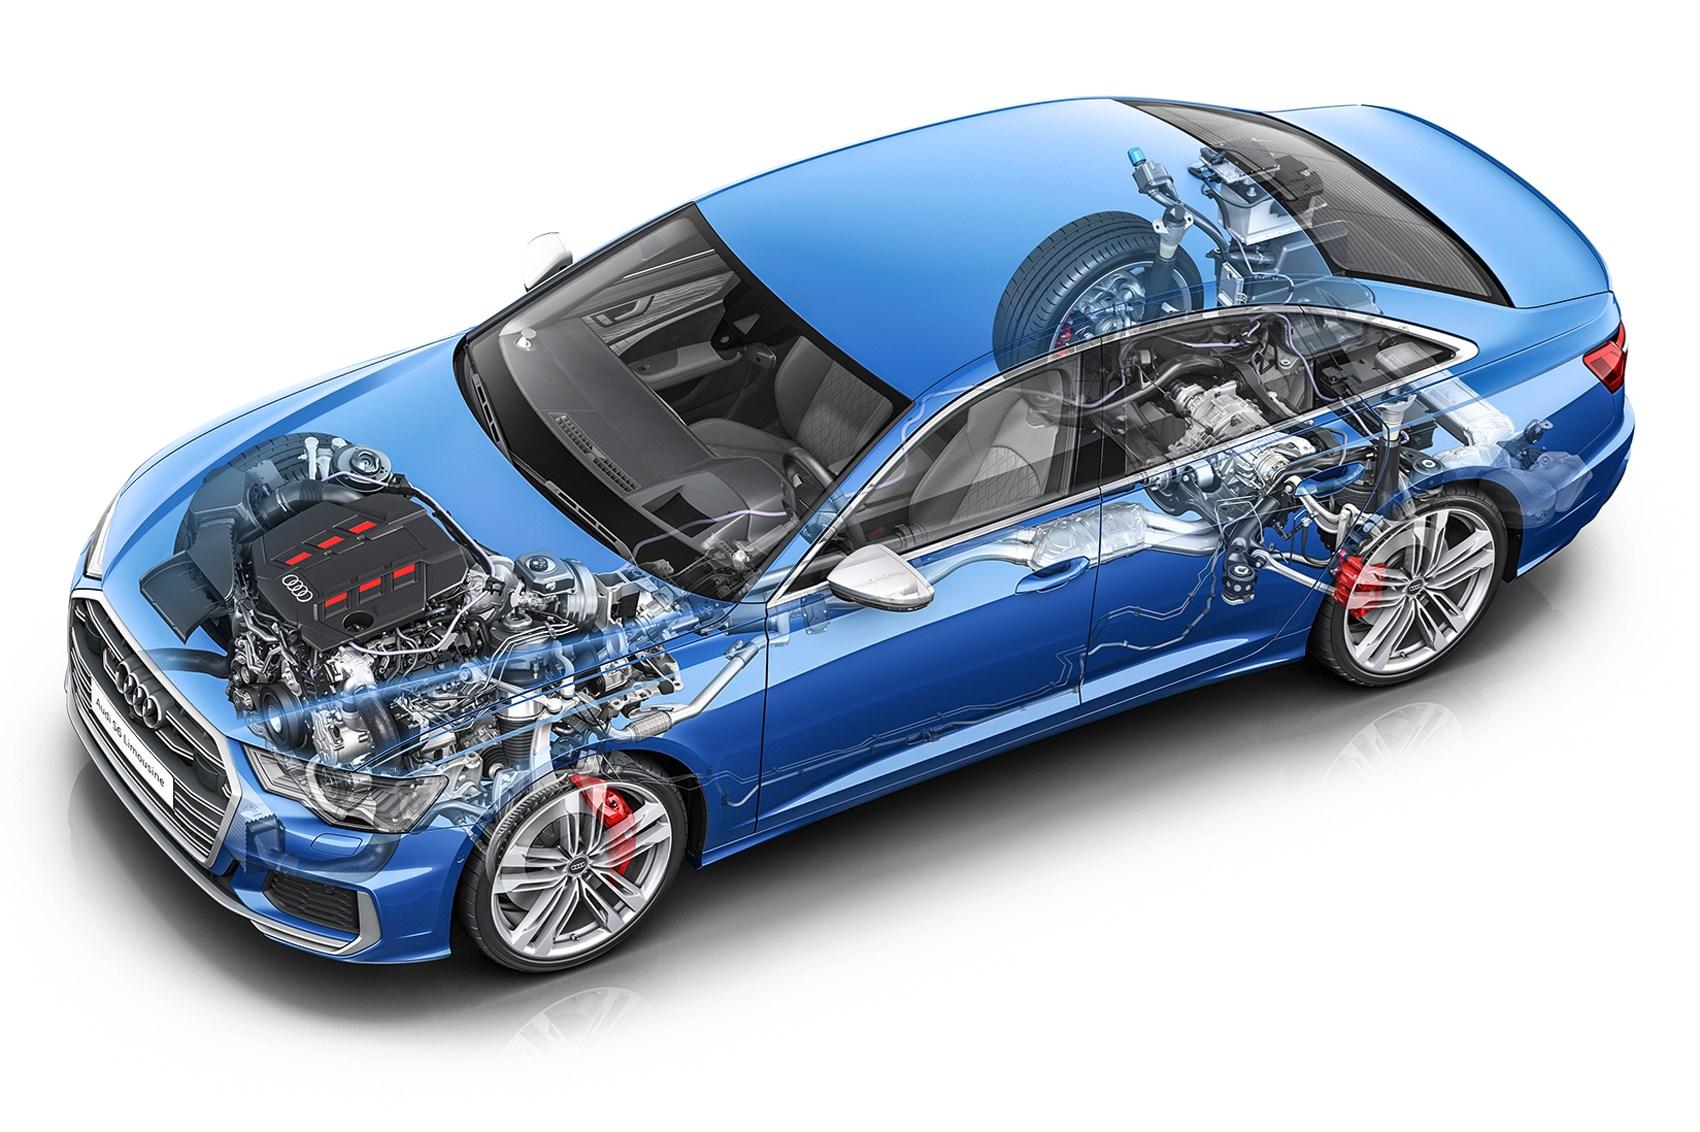 Car Explains Audi S S Tdi Engine Car Magazine